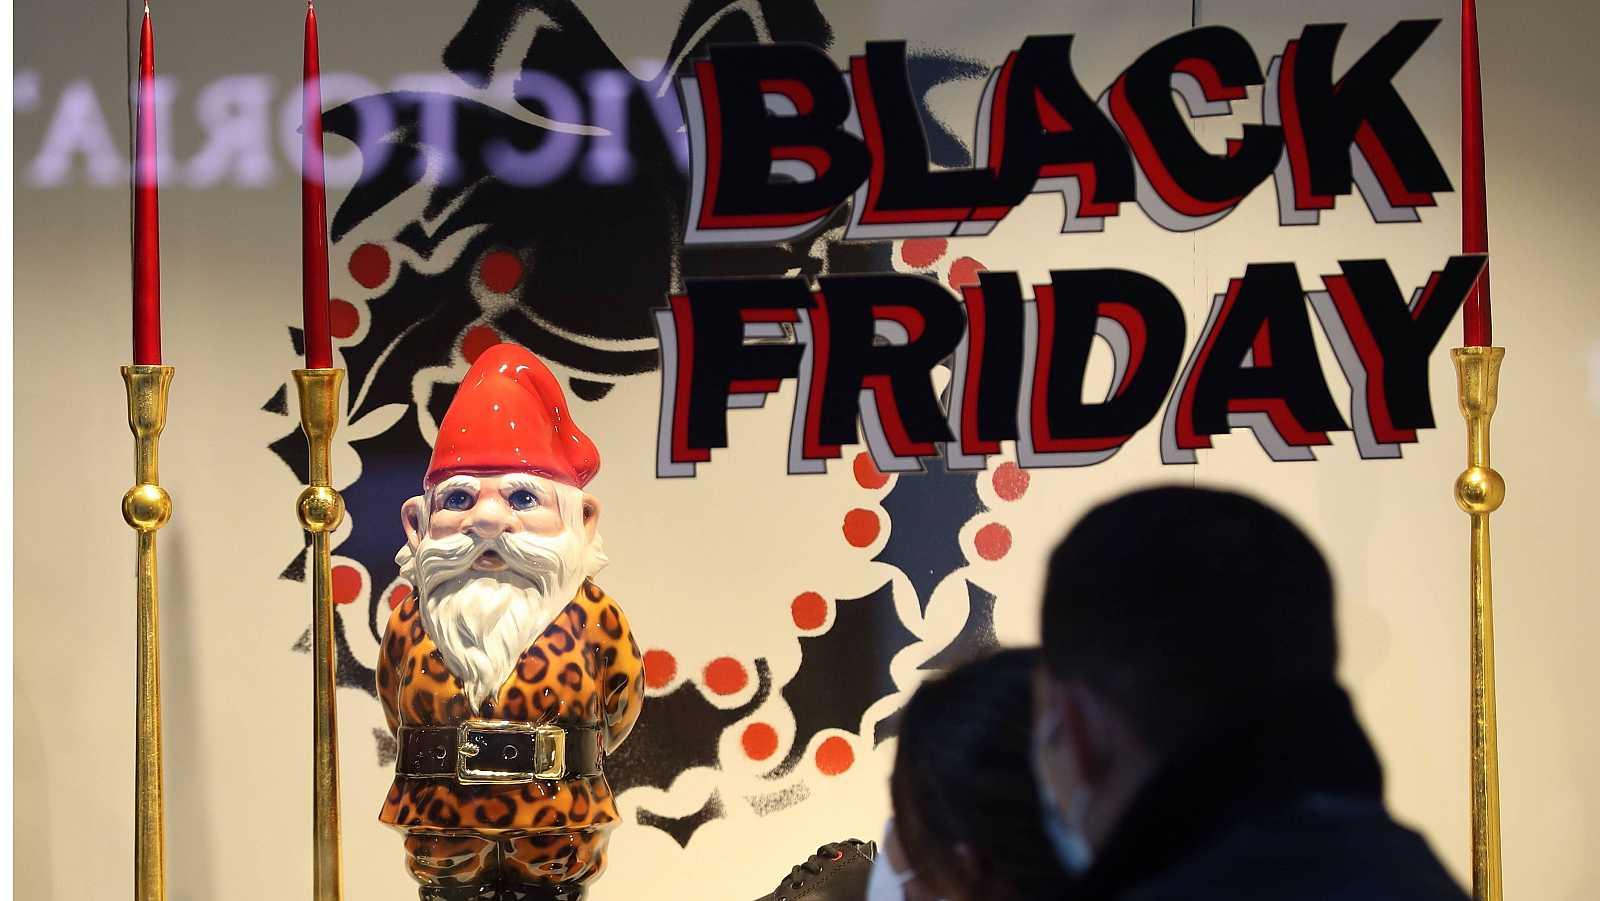 24 horas - El Black Friday y la filosofía de residuo cero - Escuchar ahora